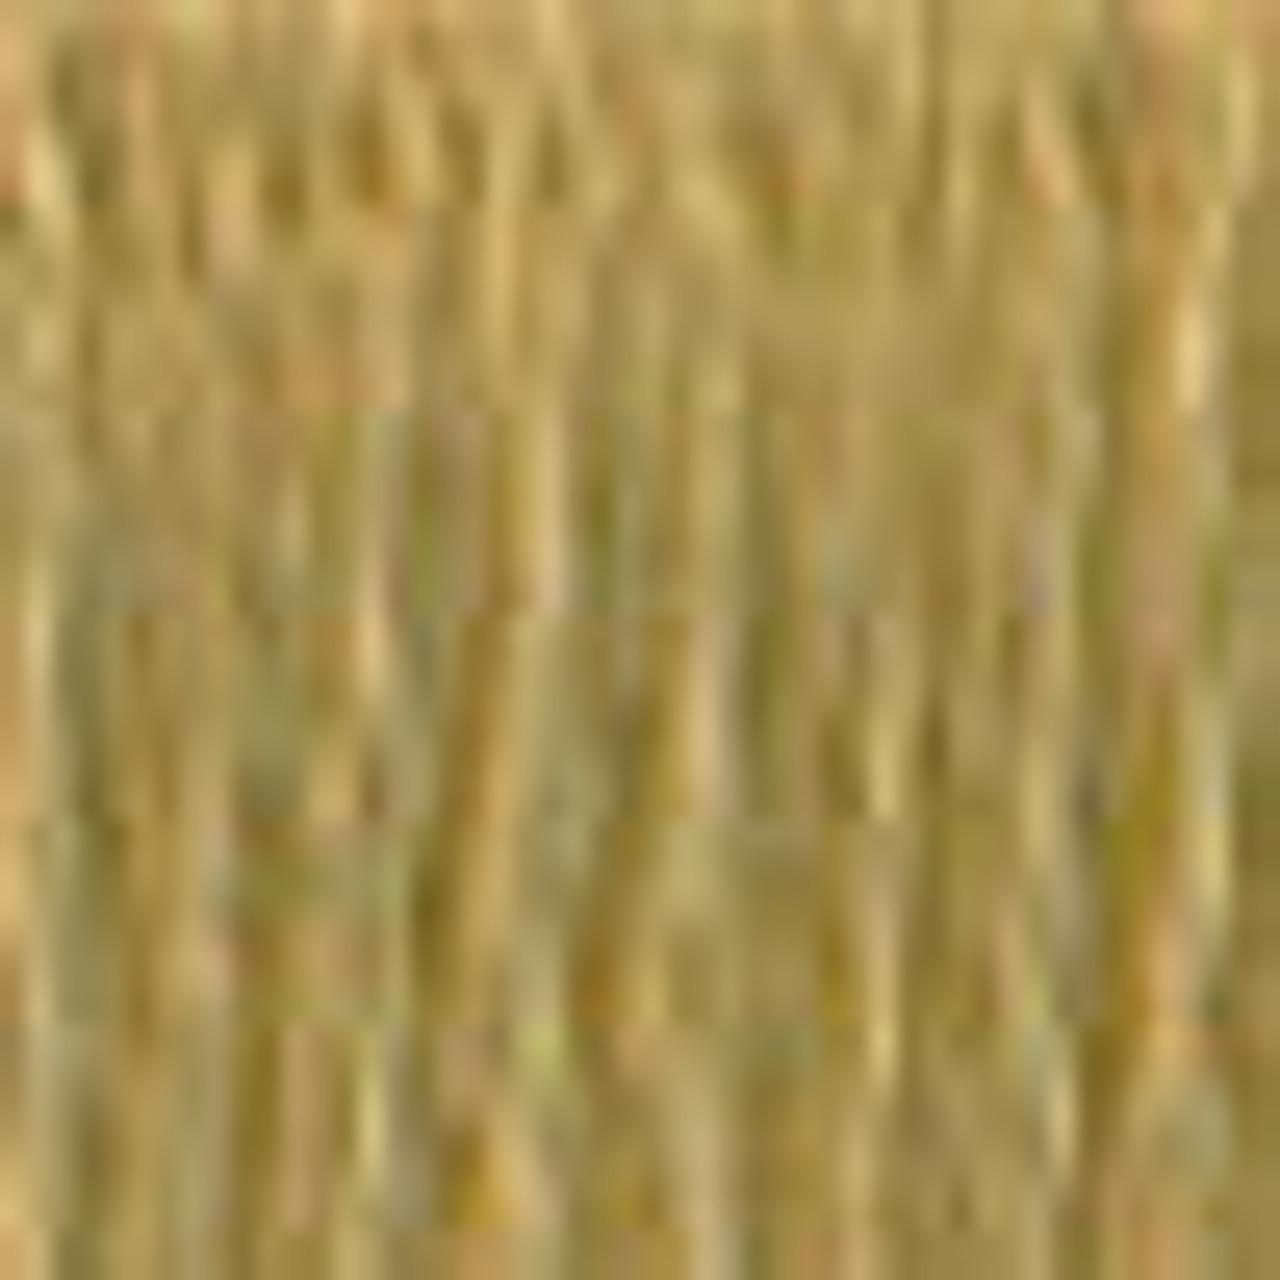 DMC # 370 Medium Mustard Floss / Thread